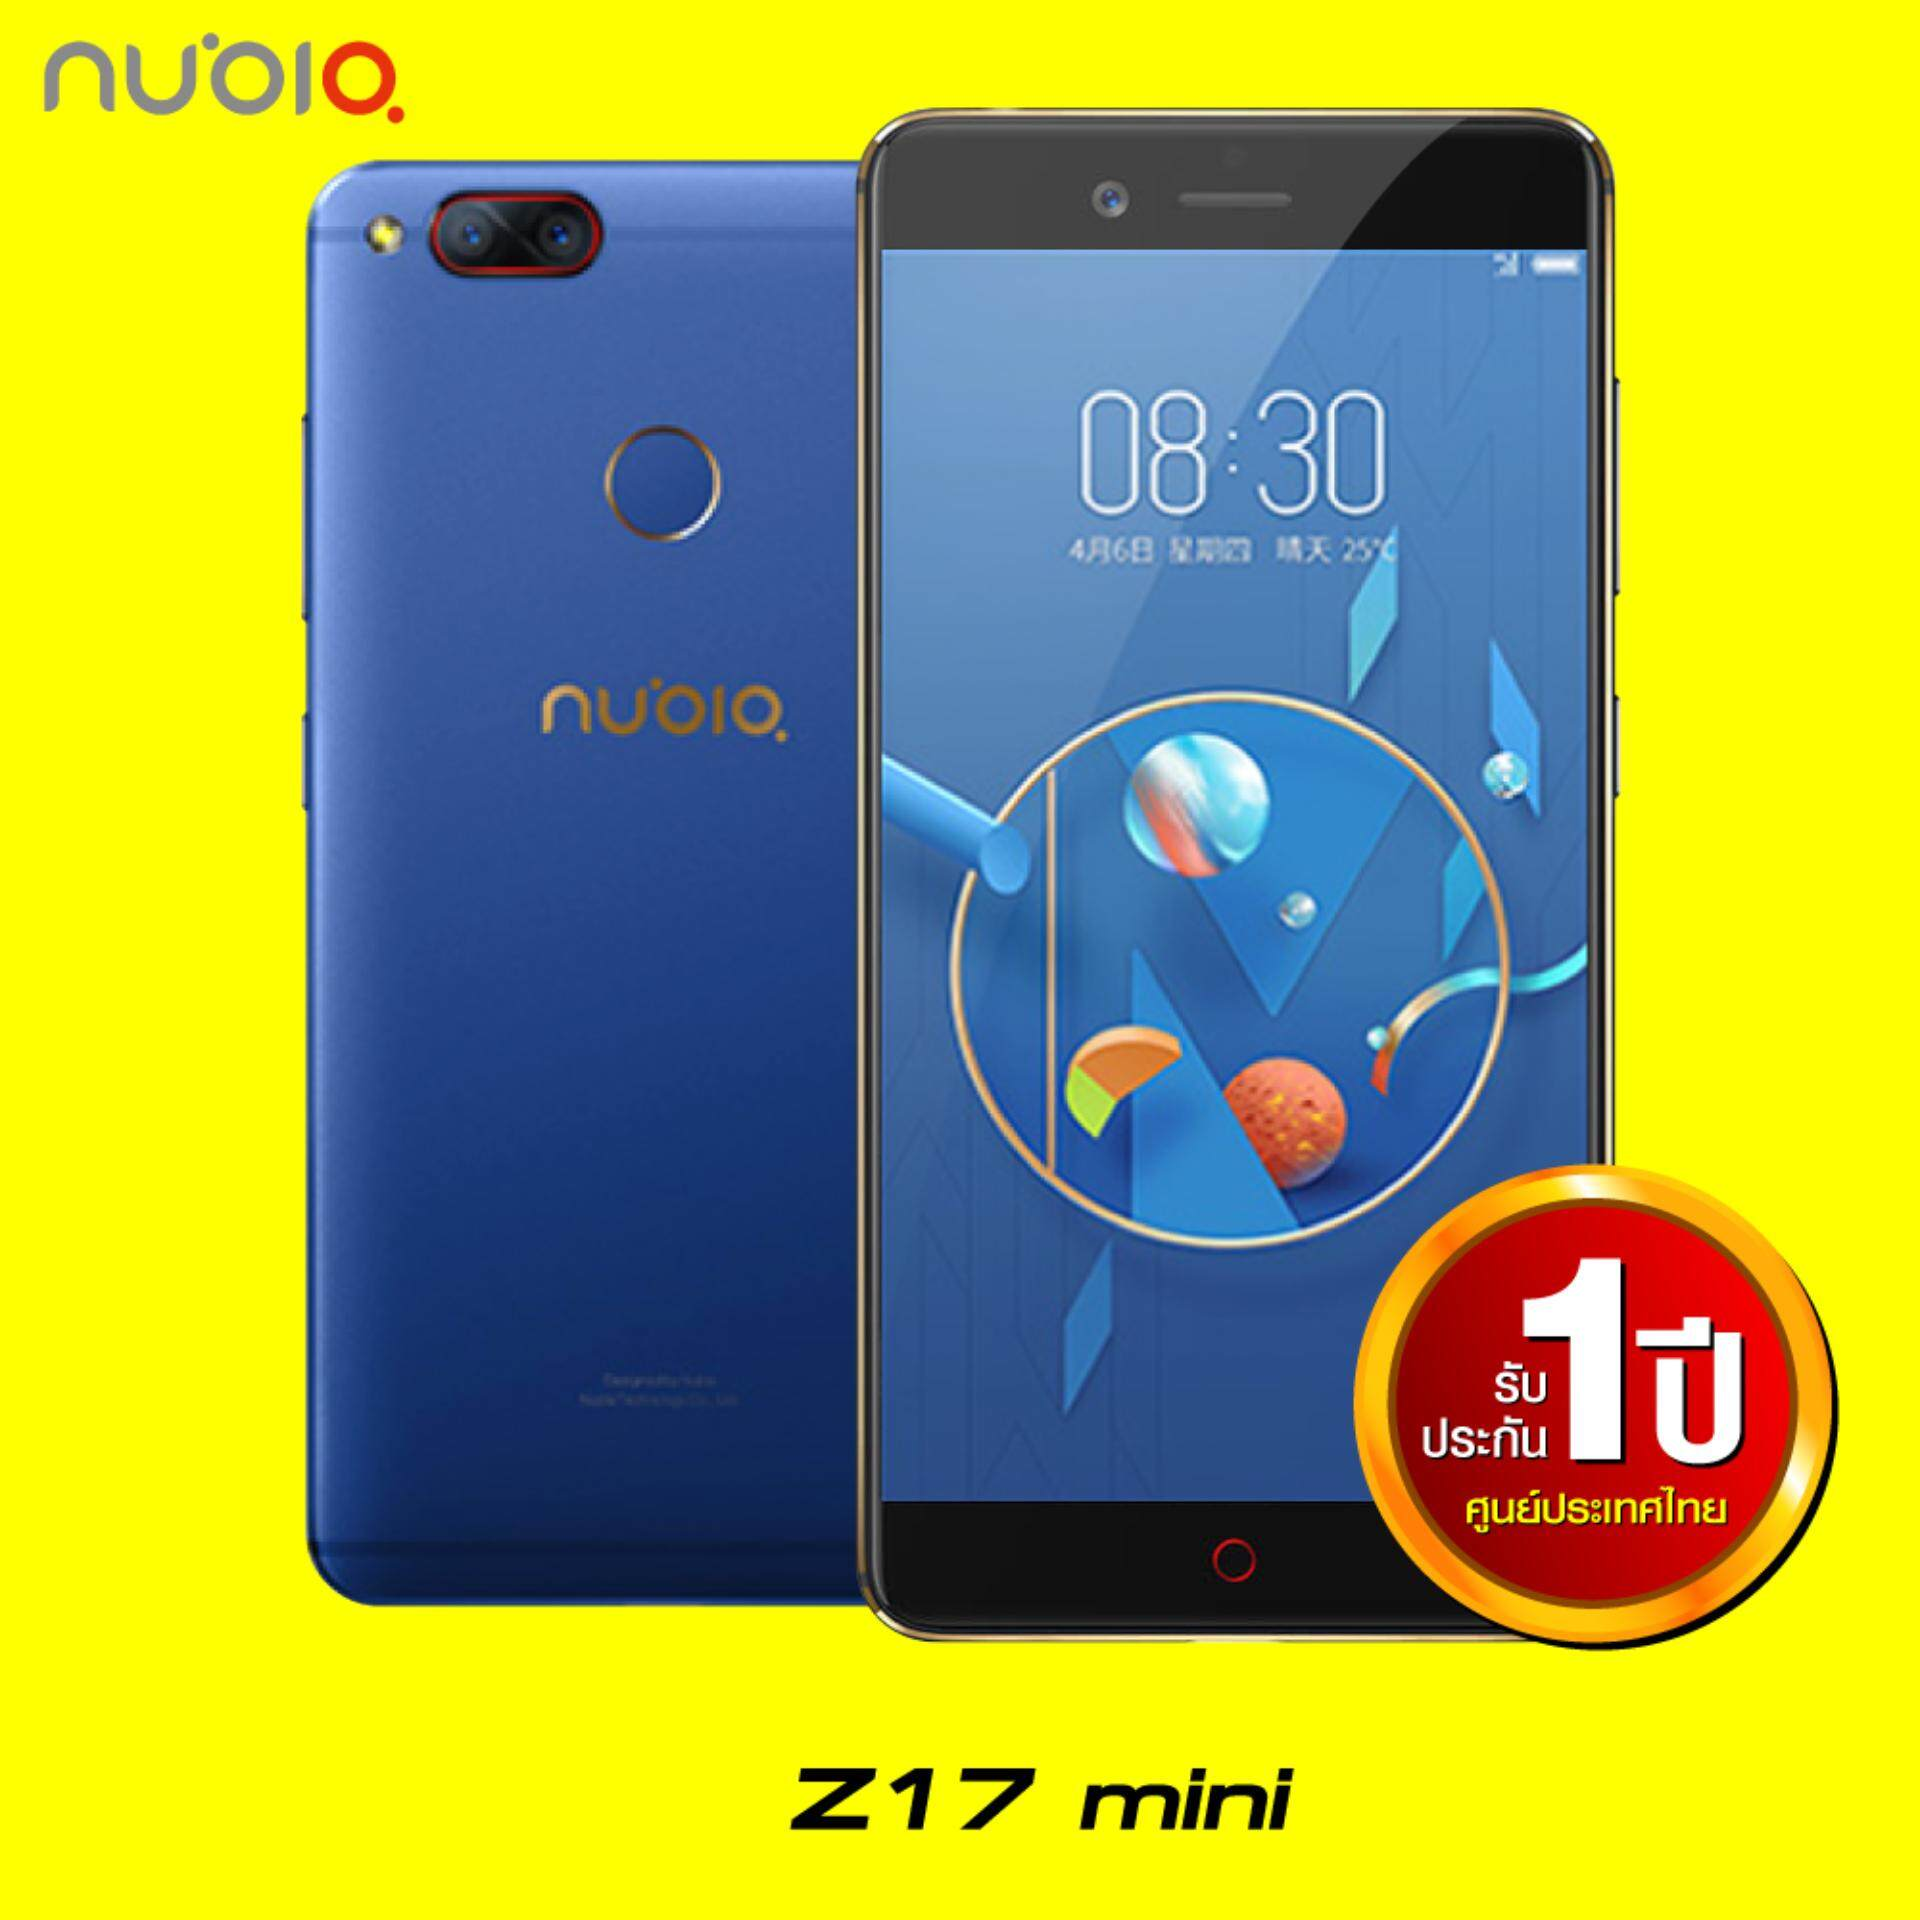 ราคา Nubia Z17 Mini 6 128Gb สีน้ำเงิน Aurora Blue Limited Edition พร้อมเคสกันกระแทก ฟิล์มกันรอย มูลค่า 390 รับประกันศูนย์ไทย 1 ปีเต็ม เป็นต้นฉบับ Nubia